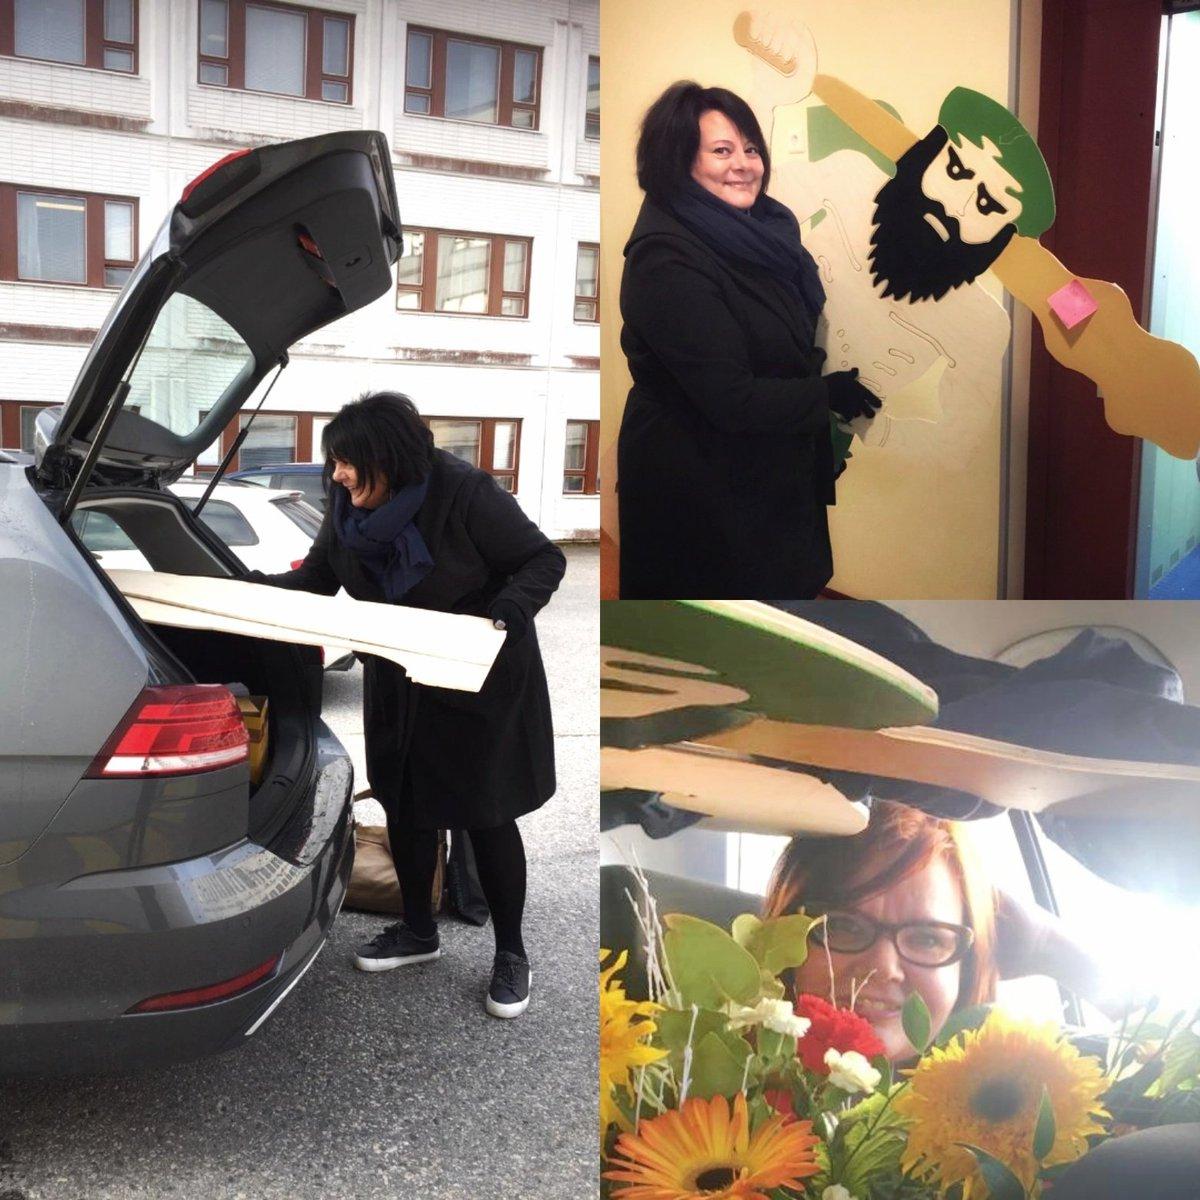 @viita_johanna @aija_tuimala @EtelaKarjala @kuntatyonantaja Upea pari ja kuva! Tässä muutama kuva Nuijamiehemme matkasta Lapin liiton toimistolta Rovaniemeltä tänä aamuna Tornioon #AboveOrdinary-seurassa ja kukkien keskellä ❤